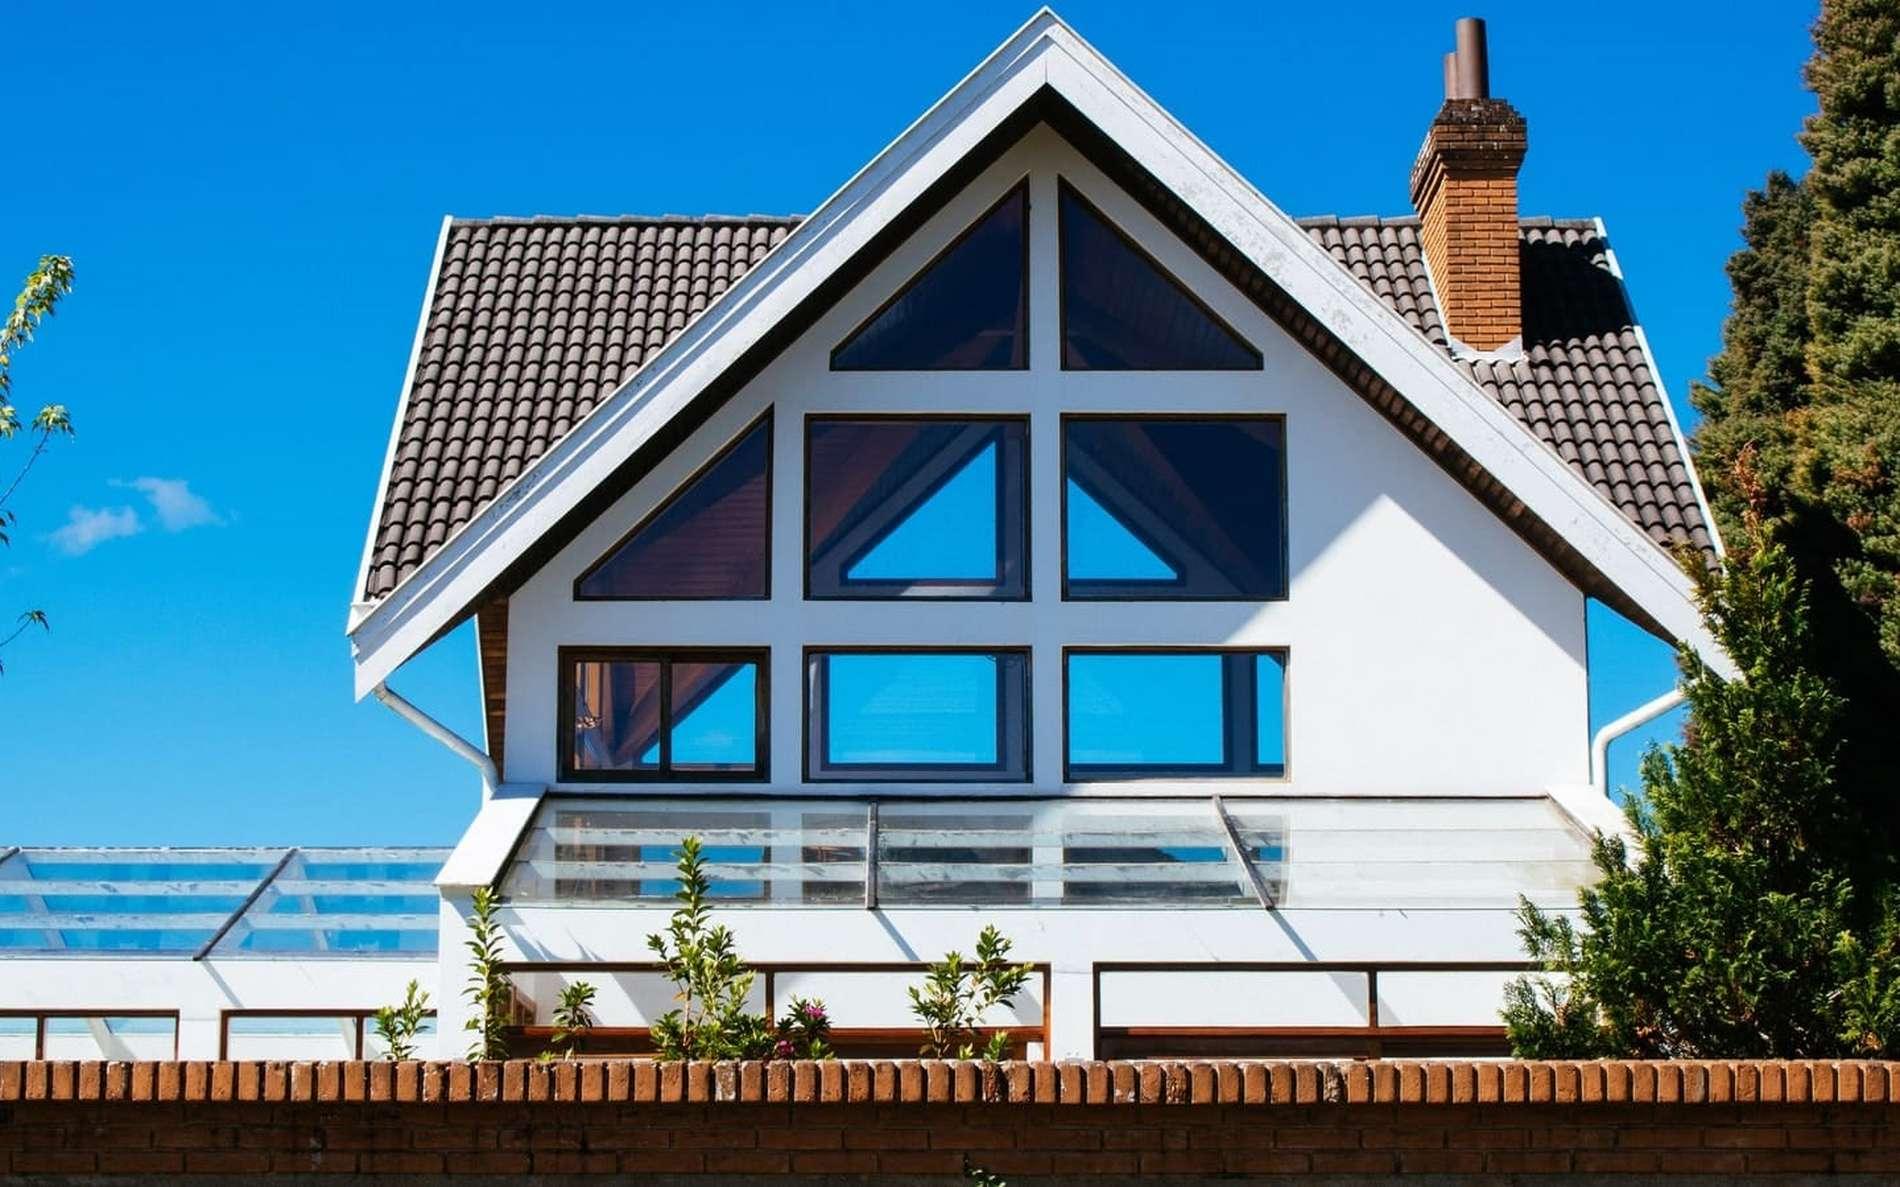 Vivre dans une maison 100 % autonome, un atout pour l'environnement. © Athena, Pexels